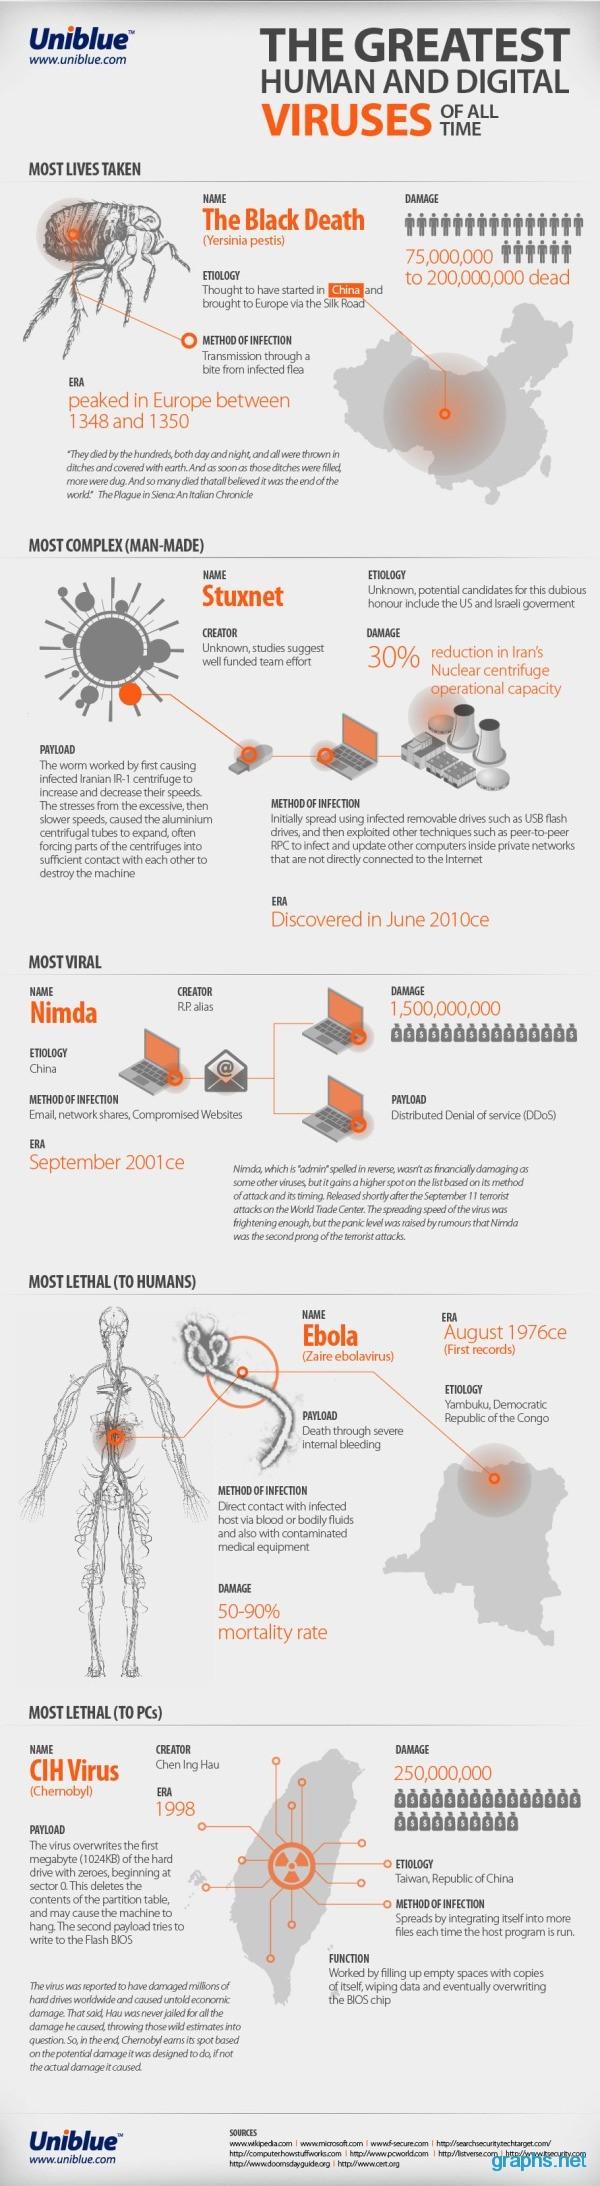 Human and Digital Viruses